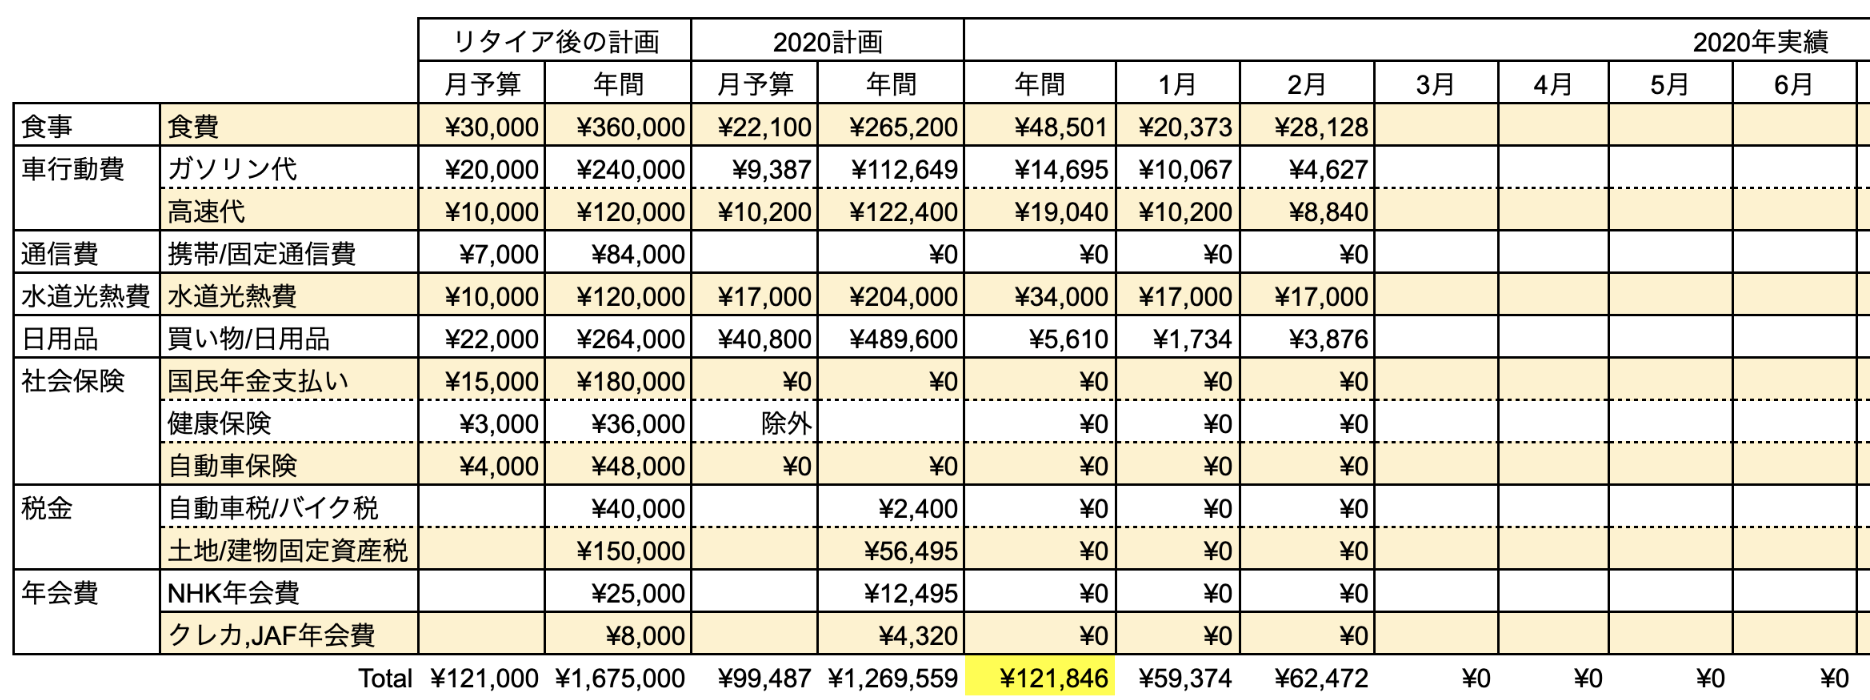 支出実績2020_02月_生活費